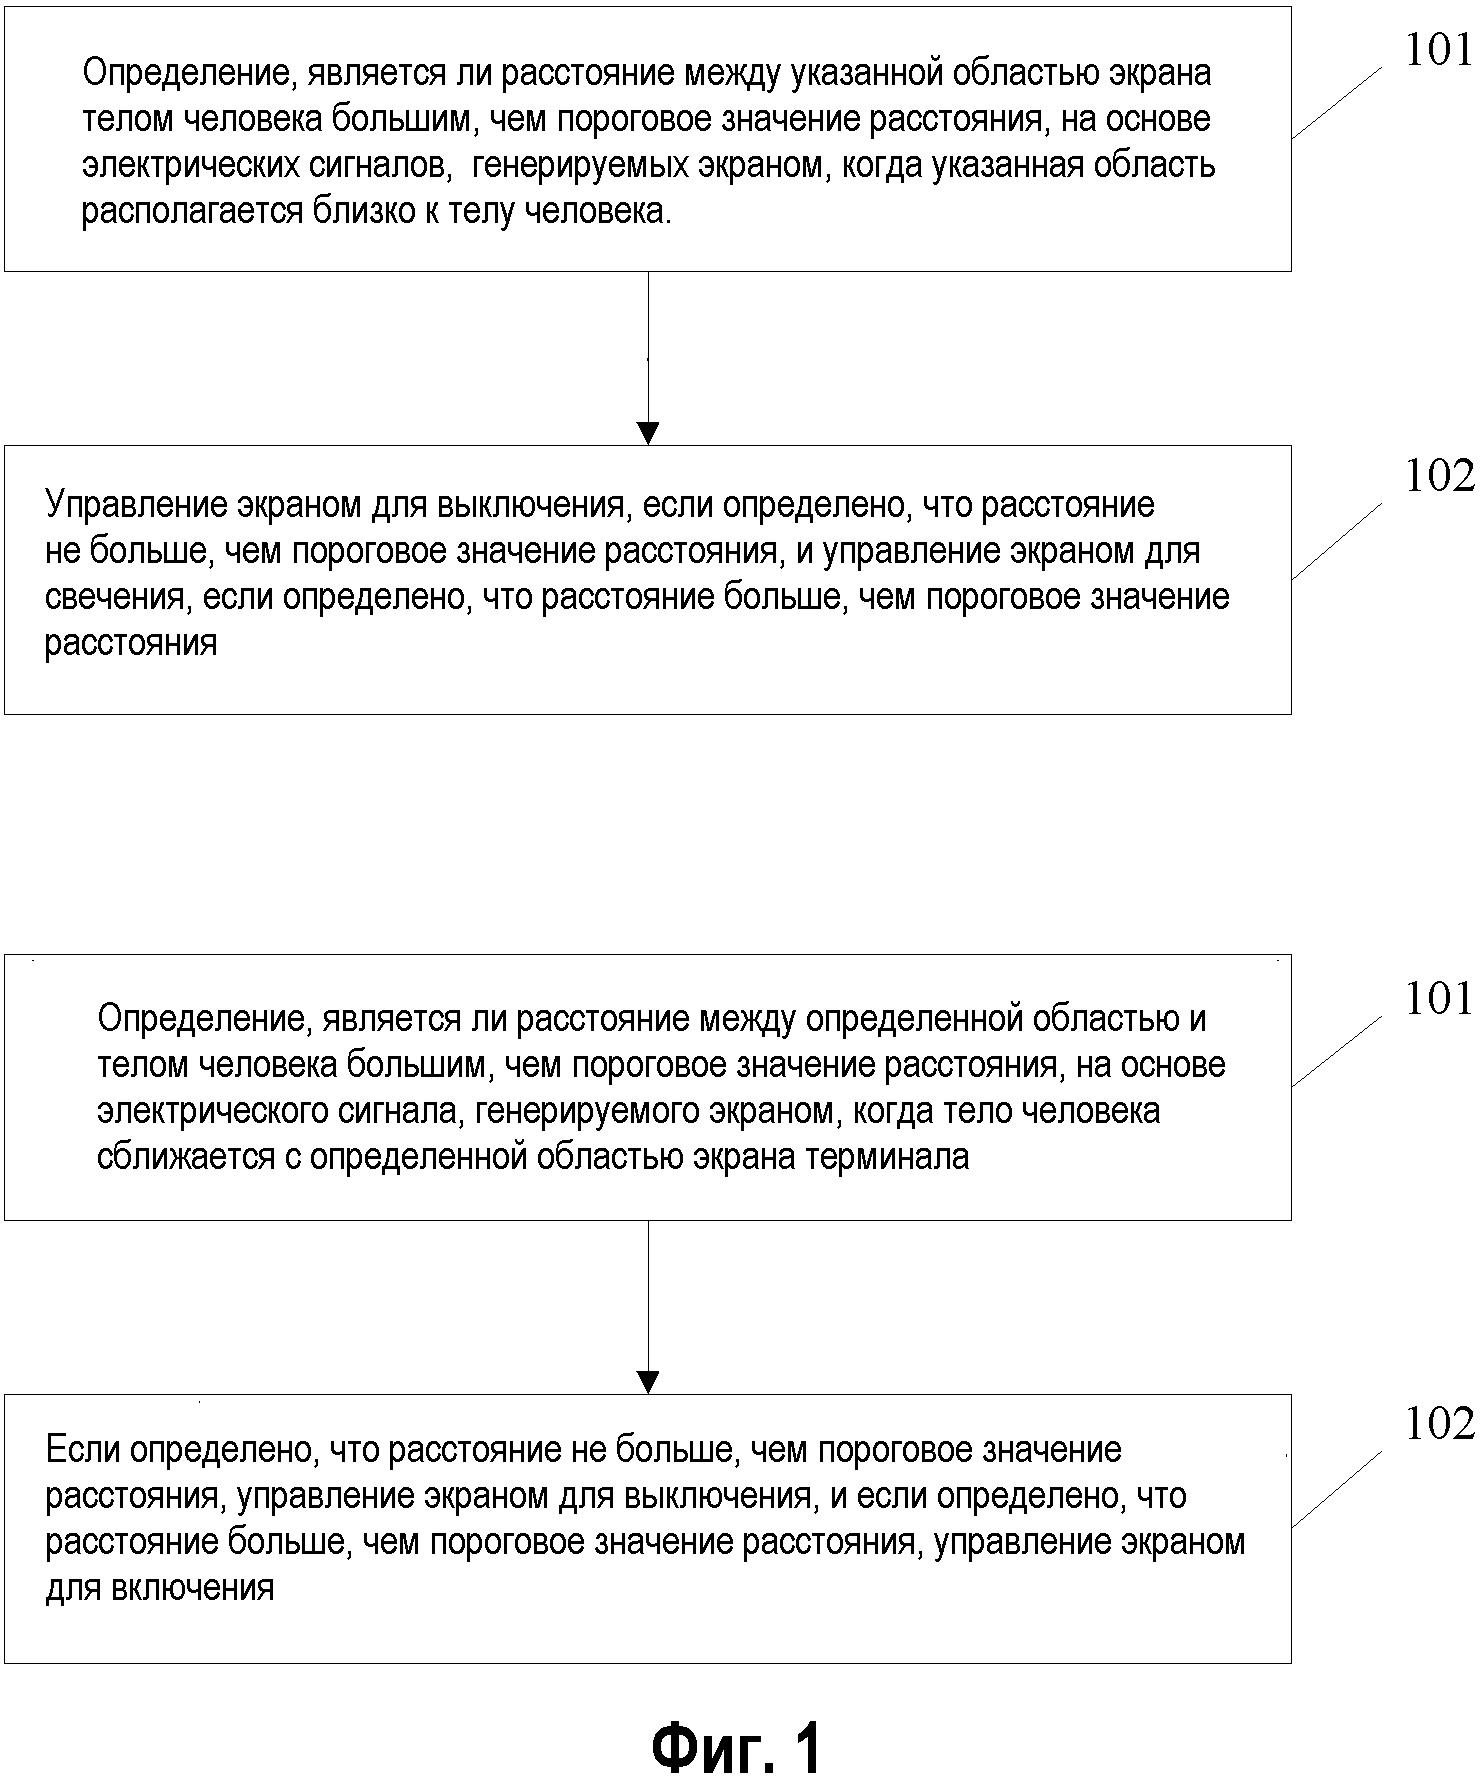 Терминал и способ управления экраном